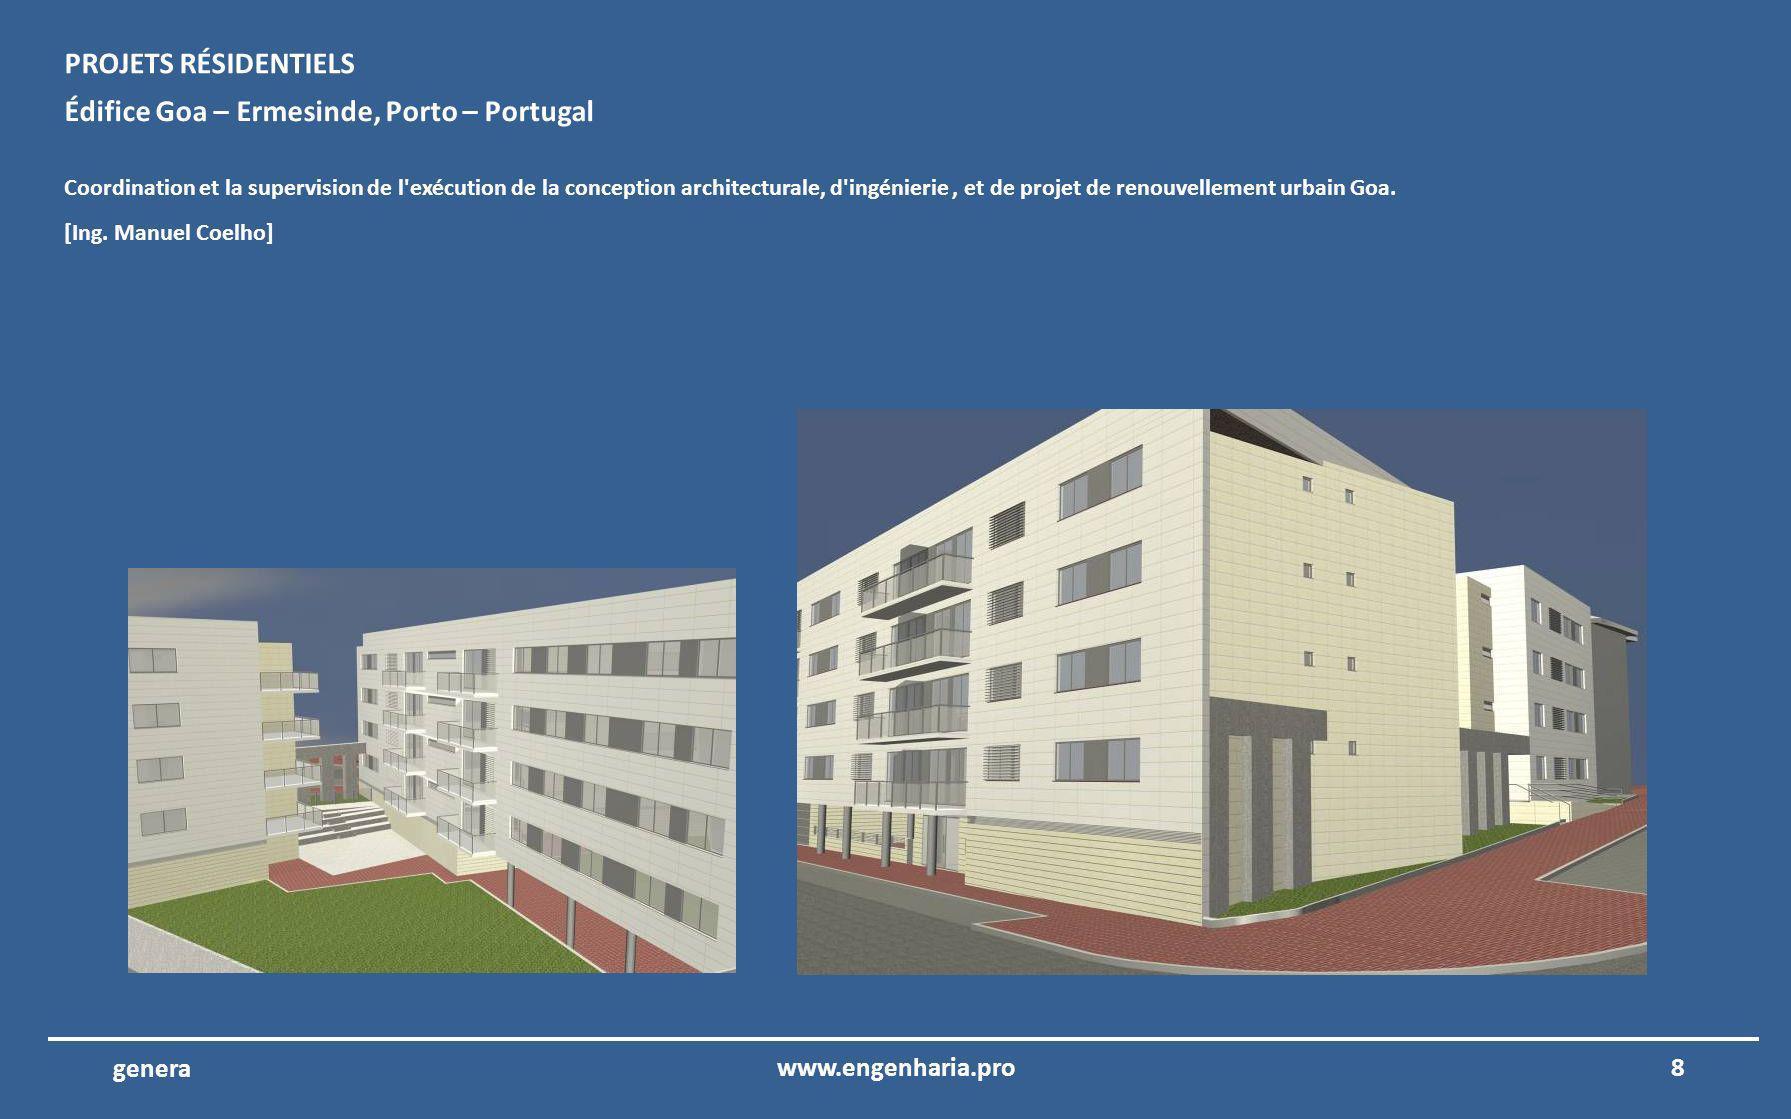 Nous présentons ensuite les images du portfolio de projet de ingénierie de la société Genera 7www.engenharia.pro genera